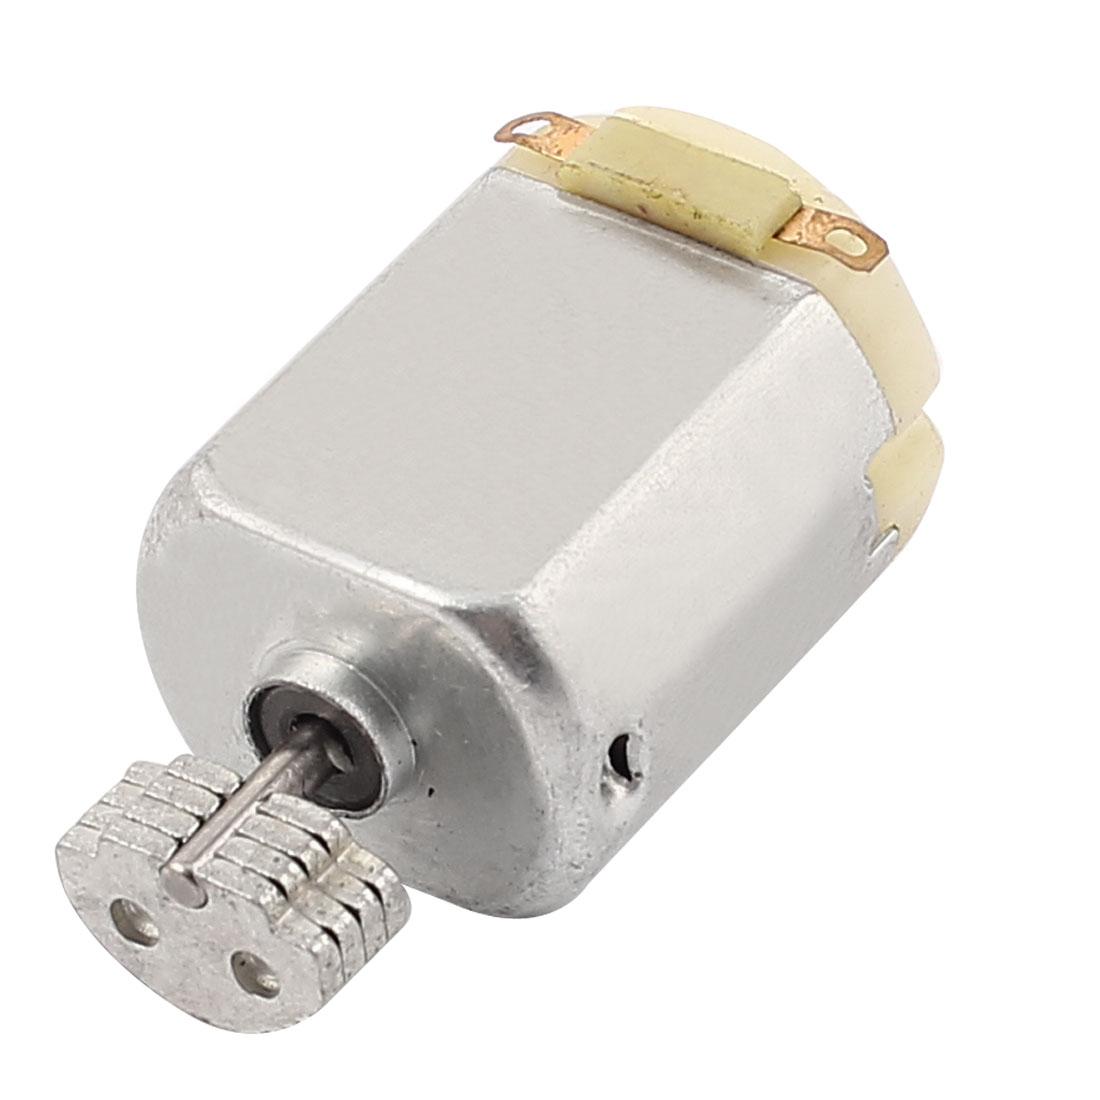 DC 6V 12500RPM Electric Micro Vibrating Vibration Motor